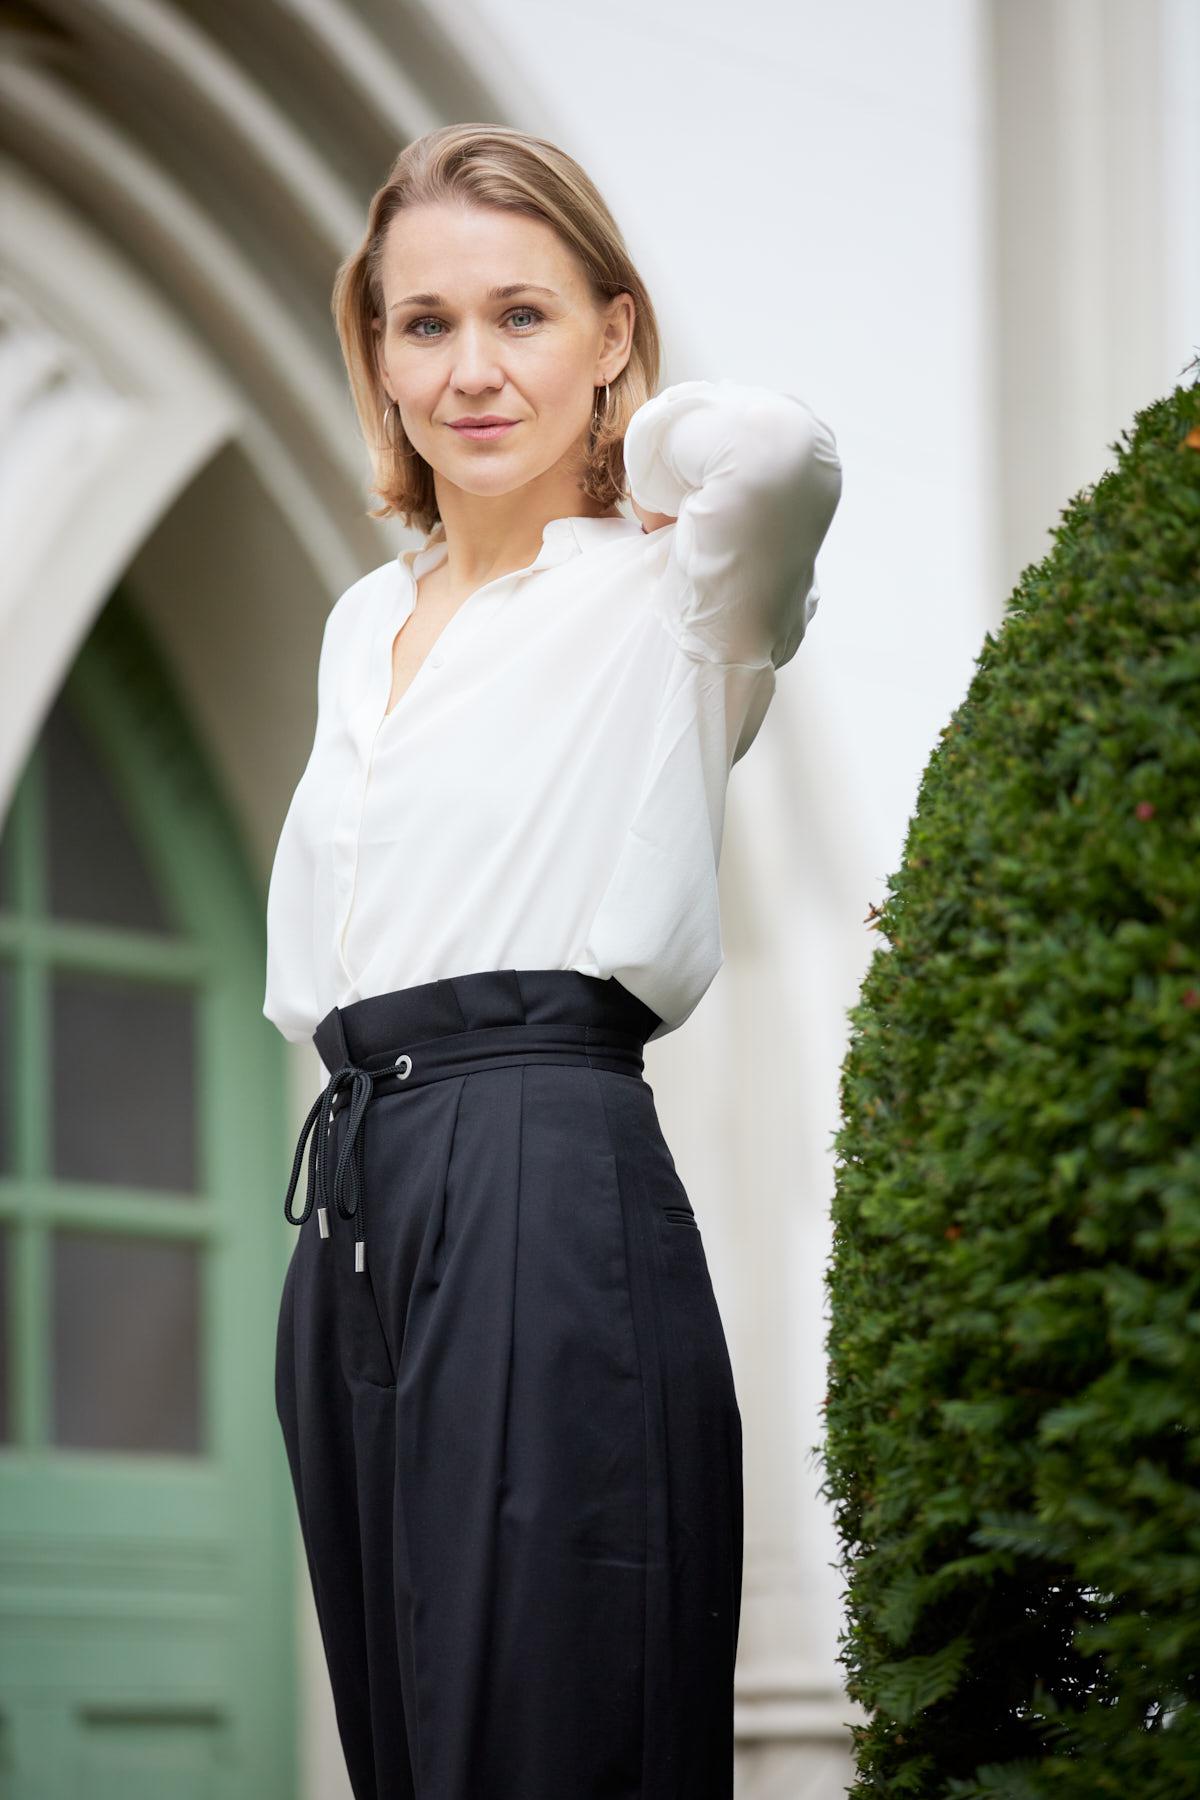 Dating-Foto einer elegant gekleideten jungen Frau , die neben einem grünen Busch vor eleganten Tür steht